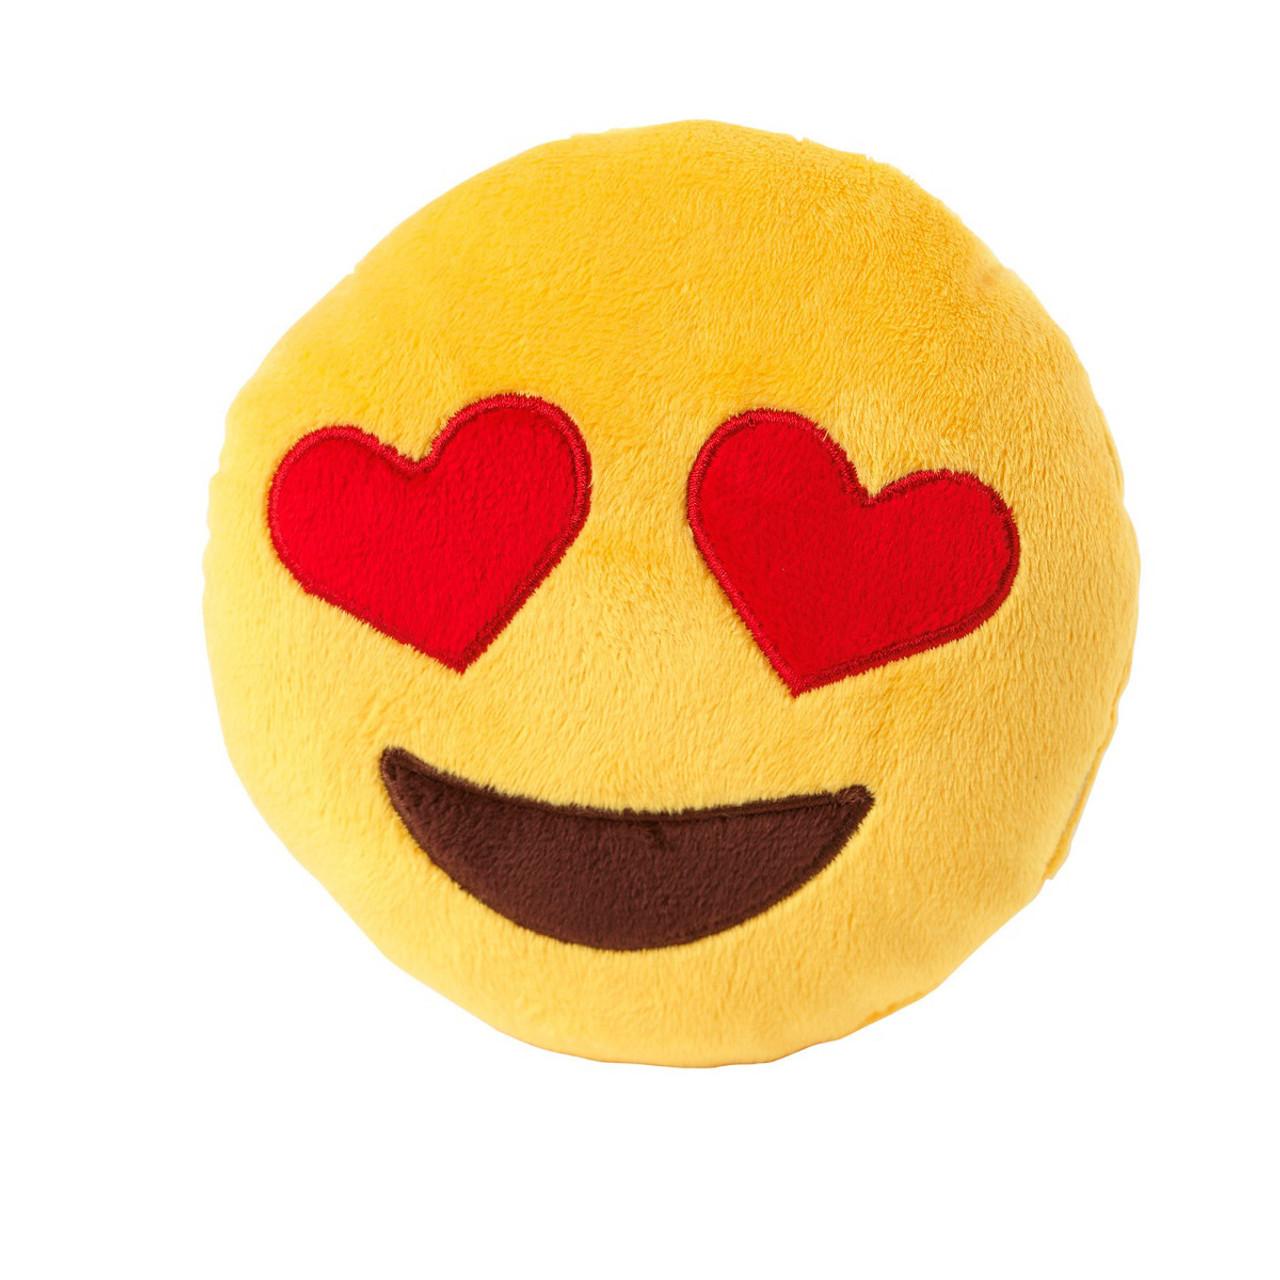 FuzzYard Emoji Love Eyes Plush Toy